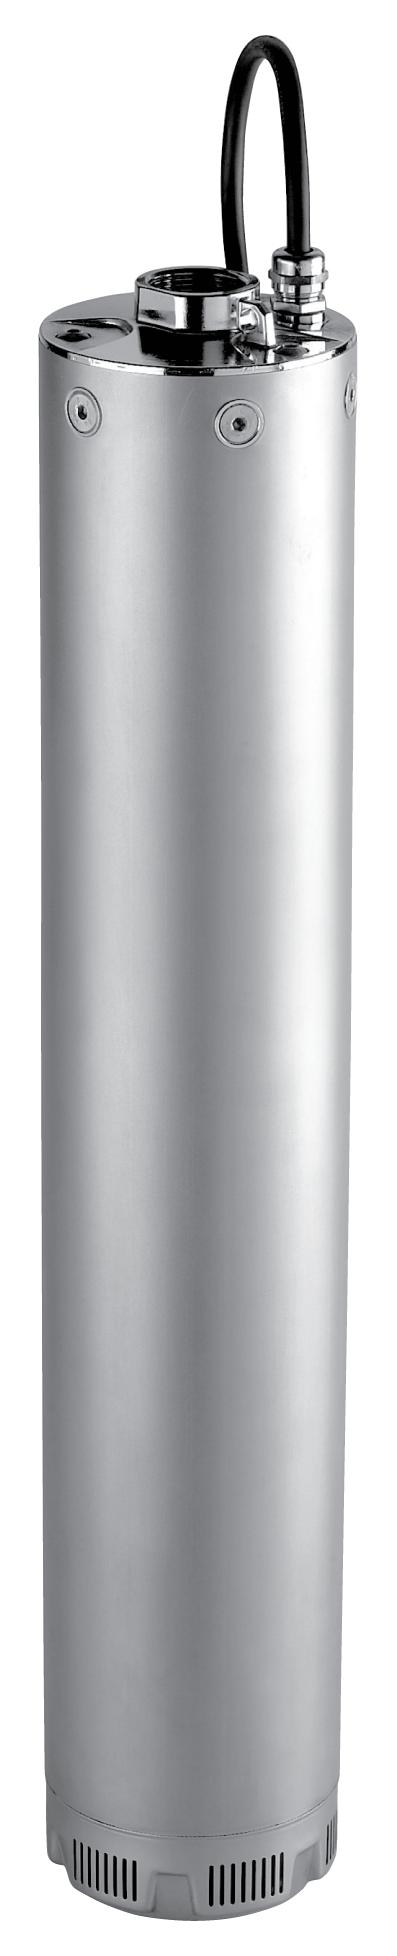 Franklin VN Range Submersible Pumps